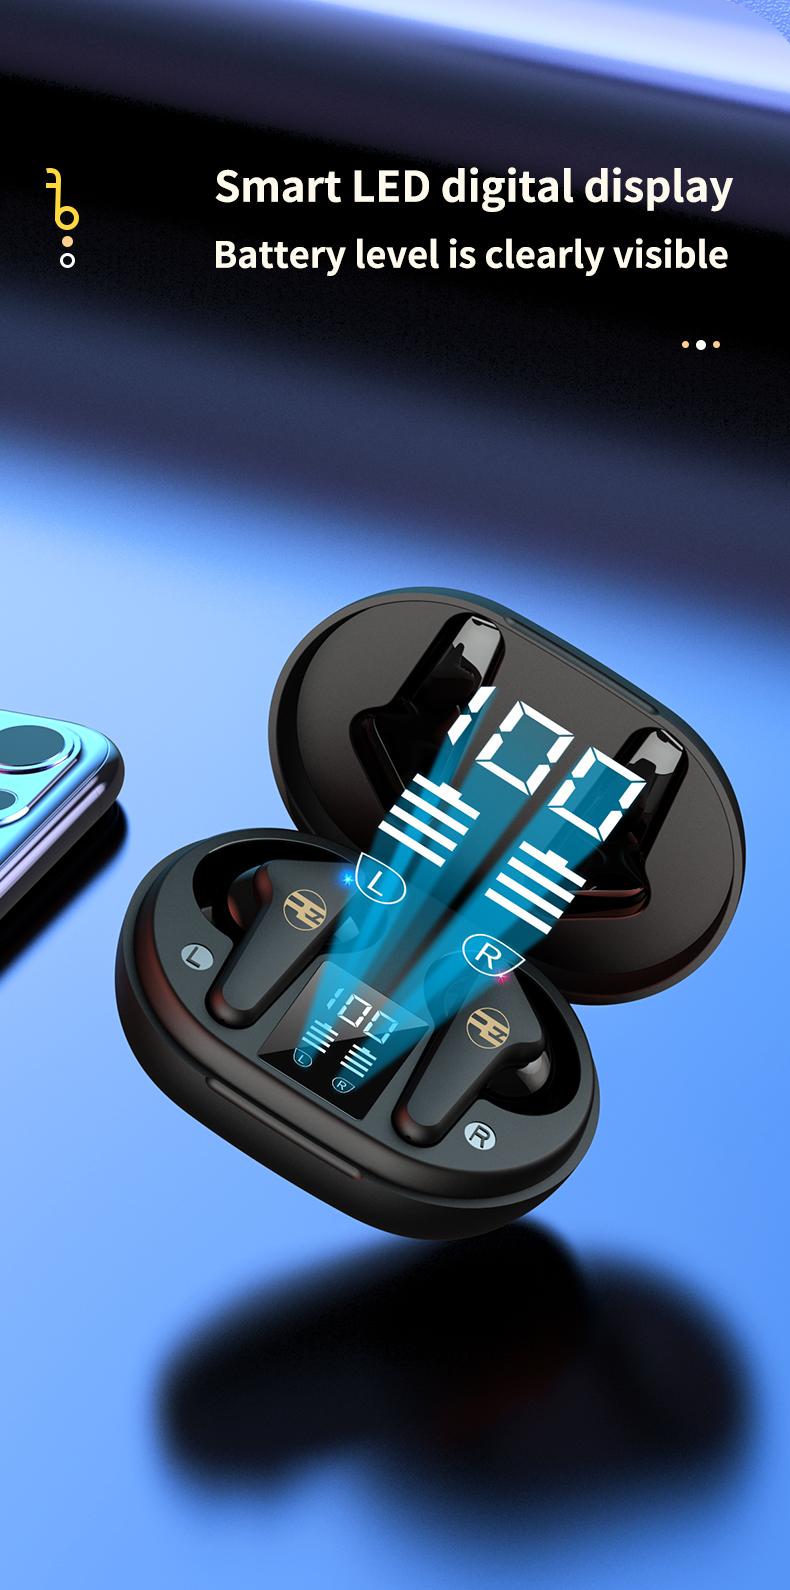 Tai Nghe Bluetooth V5.0 True Wireless Không Dây Reroka Torpedo 2021 Cảm Ứng Vân Tay Âm Thanh Hi-Fi  Bass Căng Trầm Pin Trâu Hiển Thị Mức Pin Đèn Led Chống Ồn Chống Nước Đổi Tên Thiết Bị Kiểu Giáng Thể Thao Đeo Chắc Tai 3 Màu Trắng Hồng Đen- Hàng Chính Hãng8